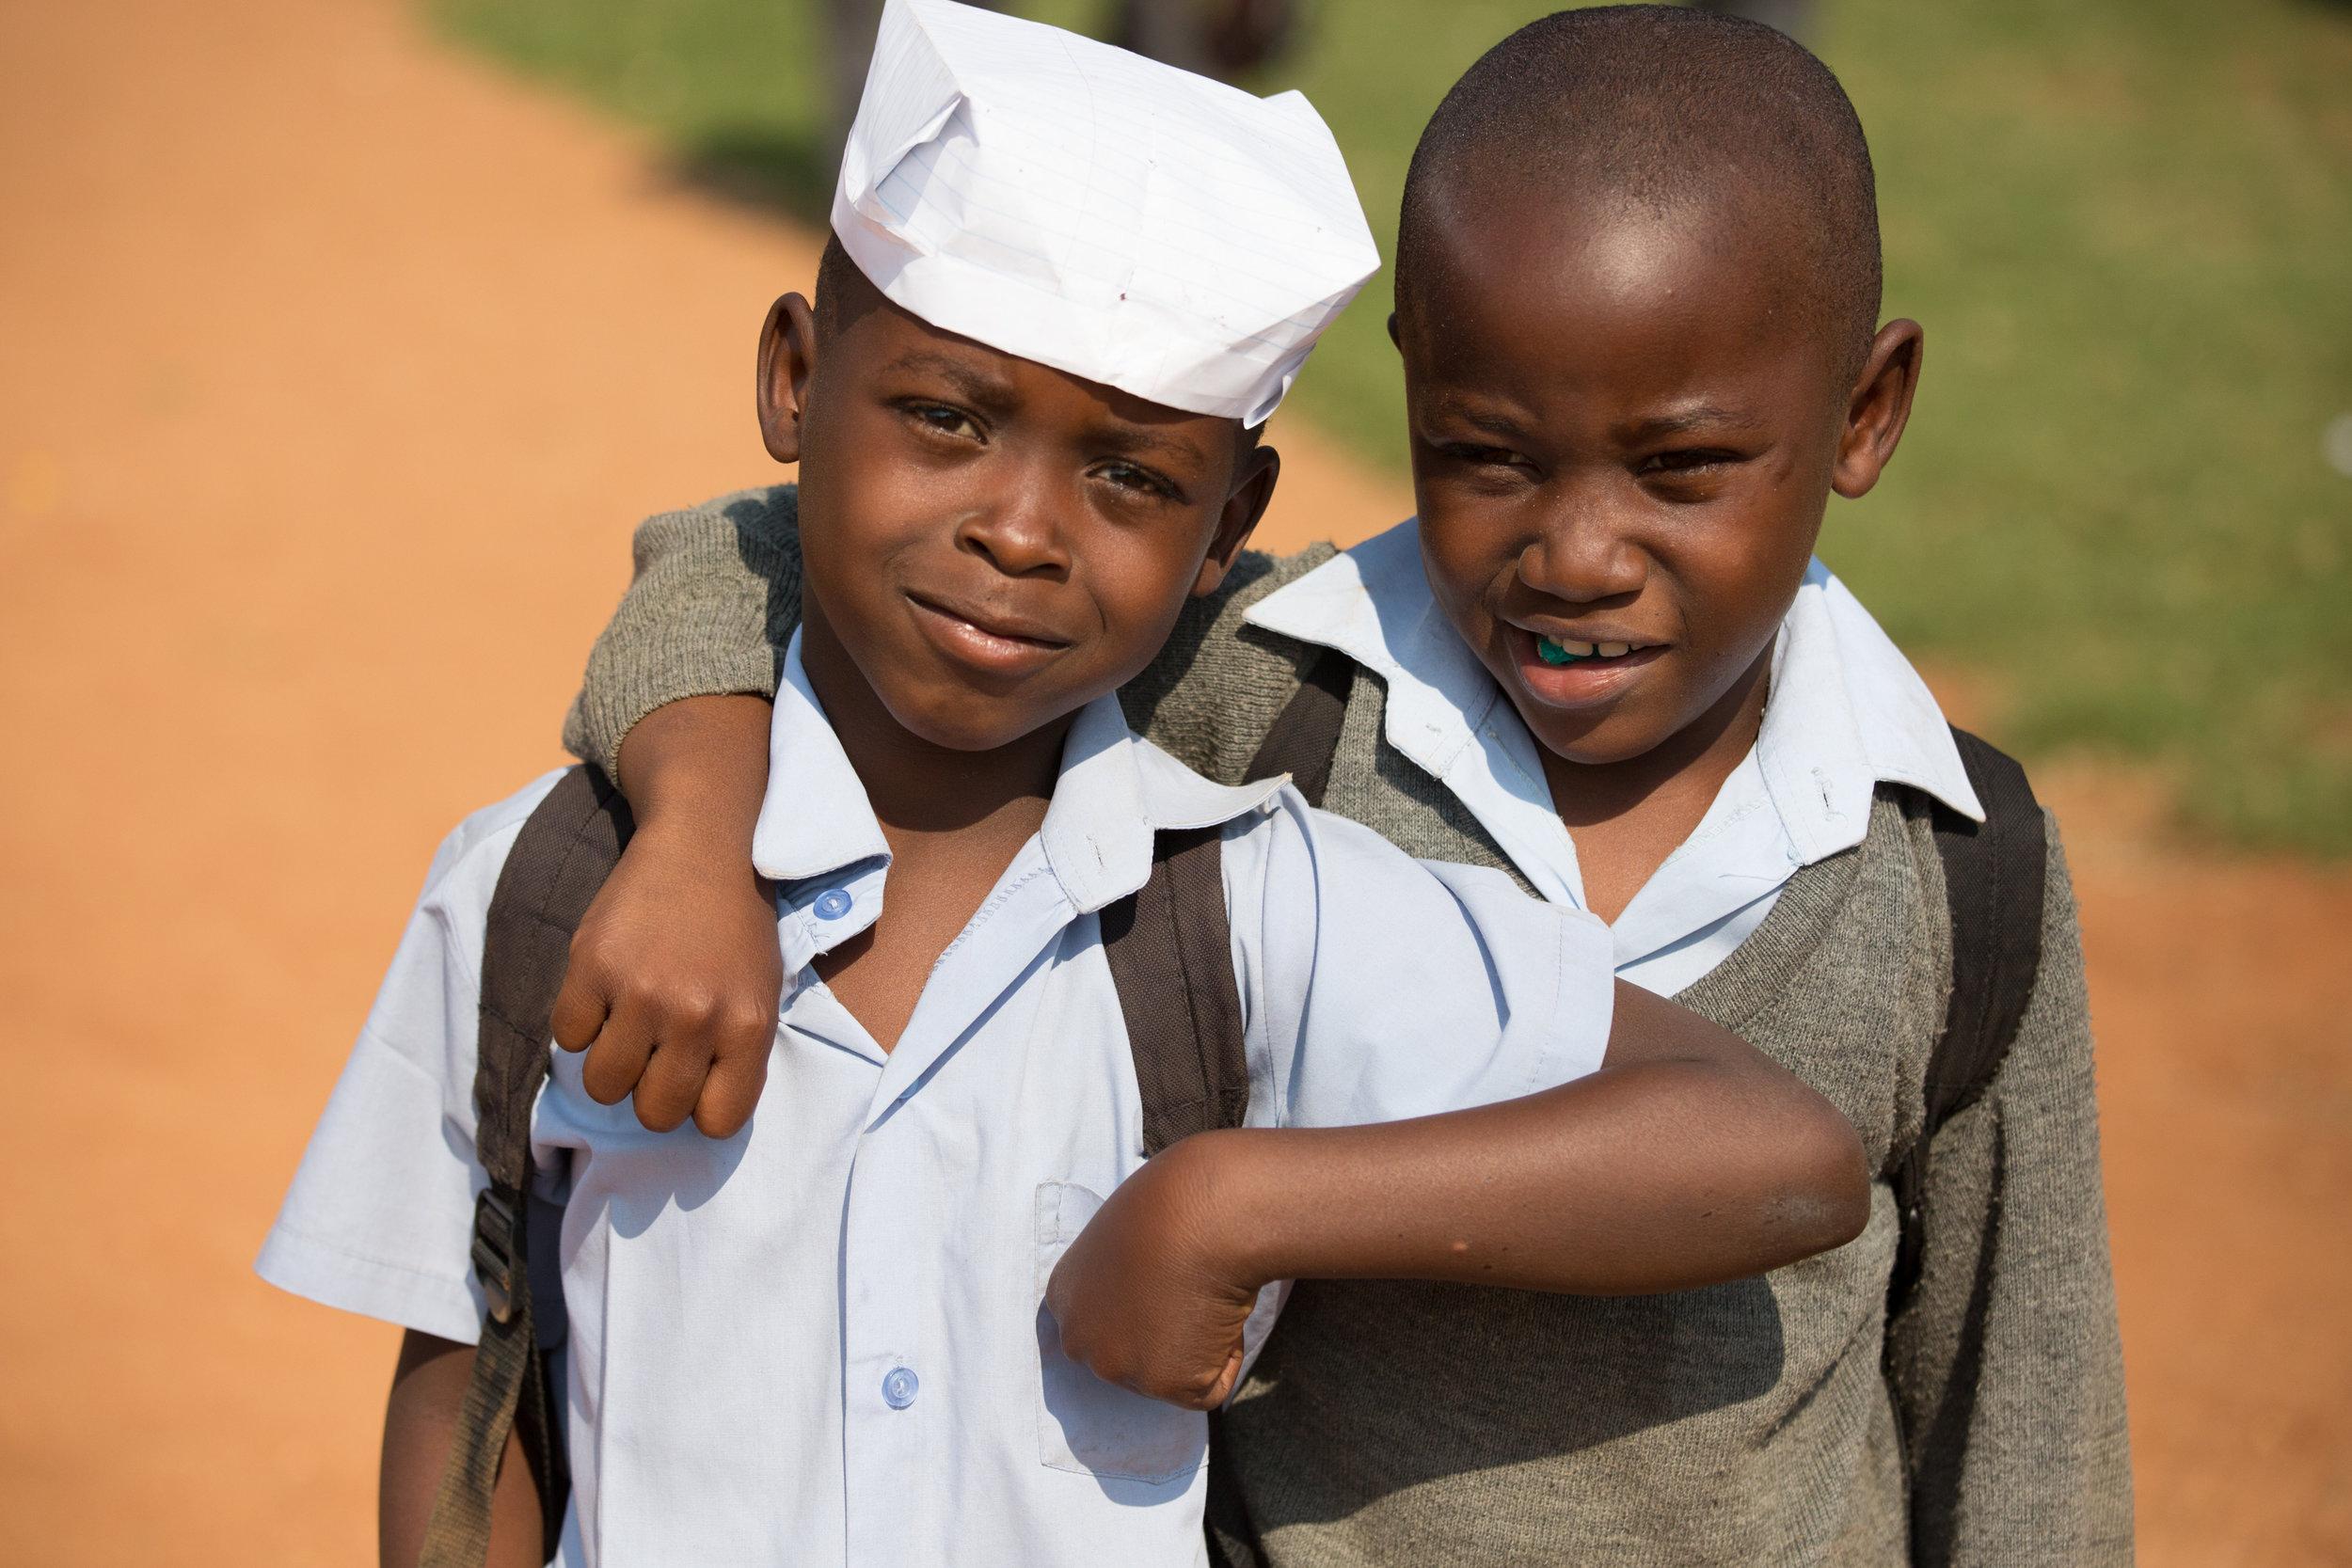 FM_Partnership_ResponsibleSourcing_Website_2SchoolchildrenImage.jpg